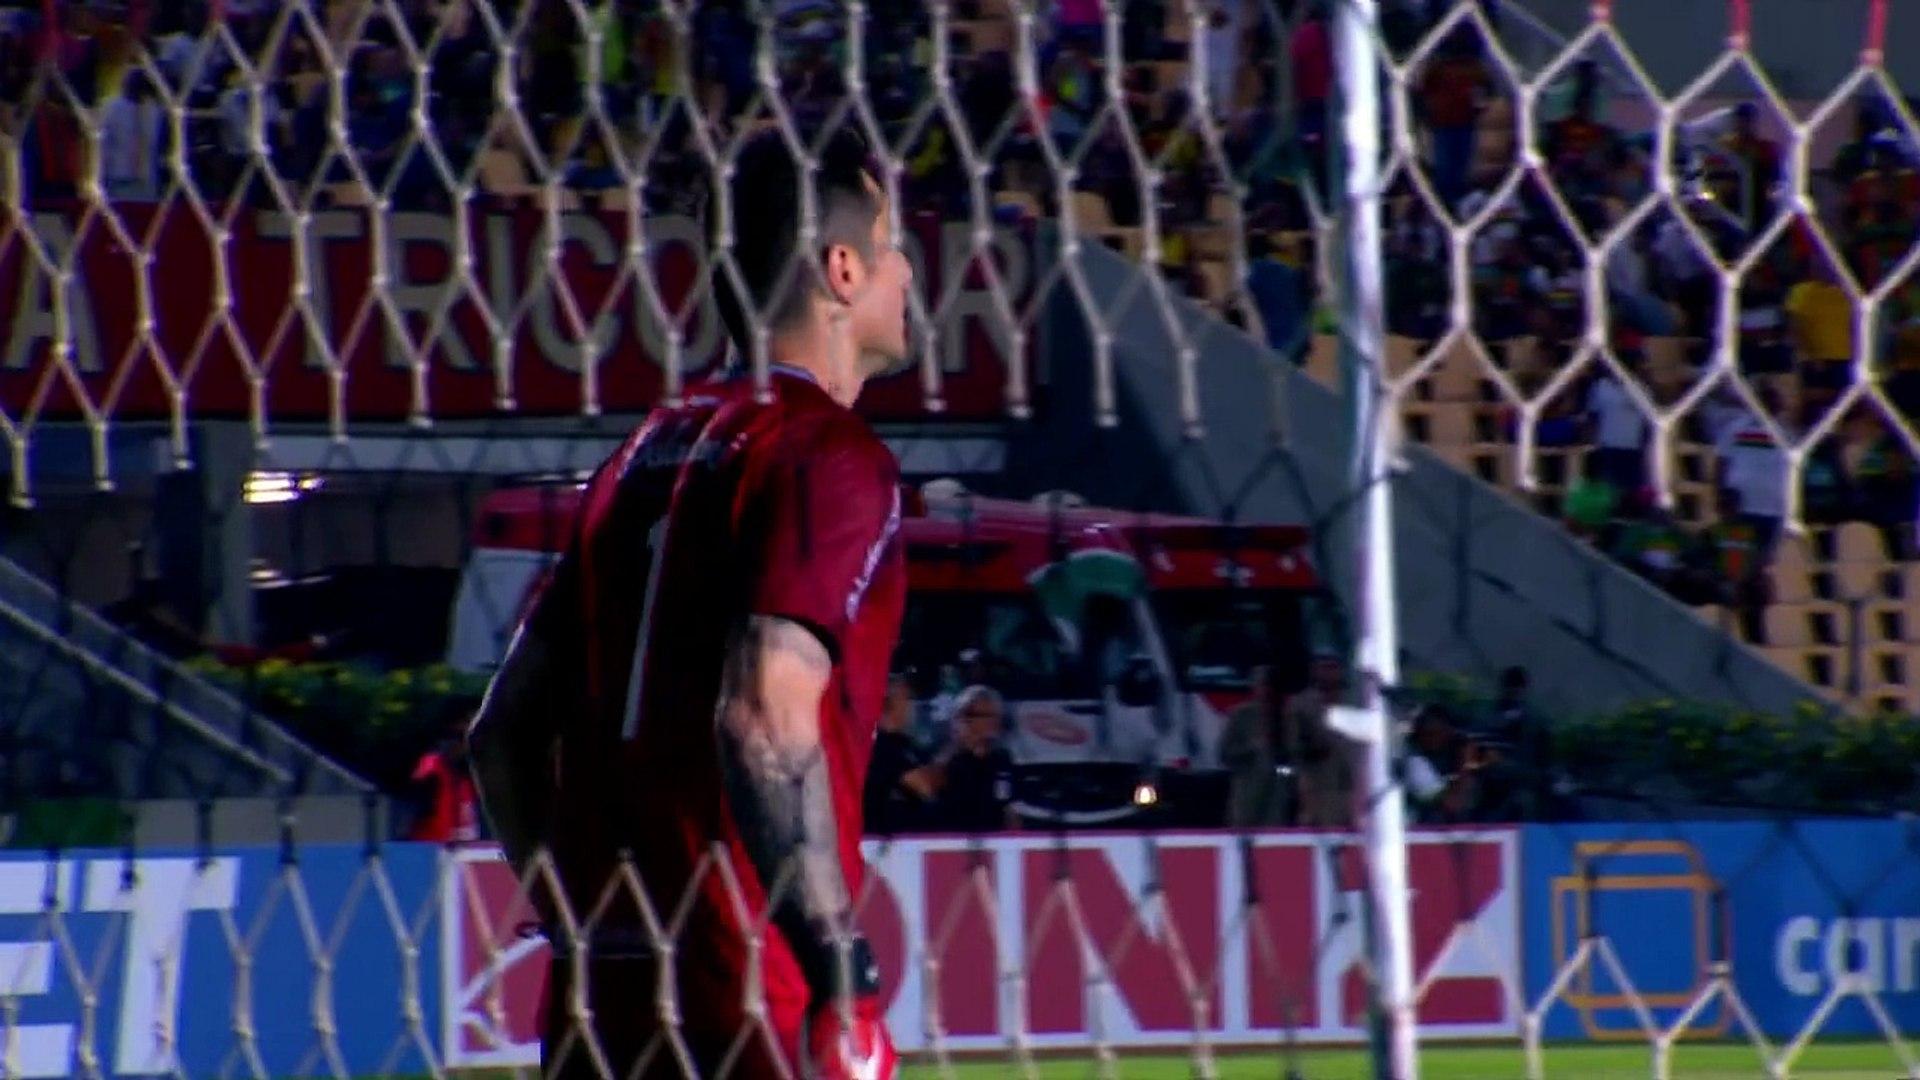 [GOLAÇO DE JULINHO] Sampaio Corrêa 1 x 0 Figueirense - Série B 2018